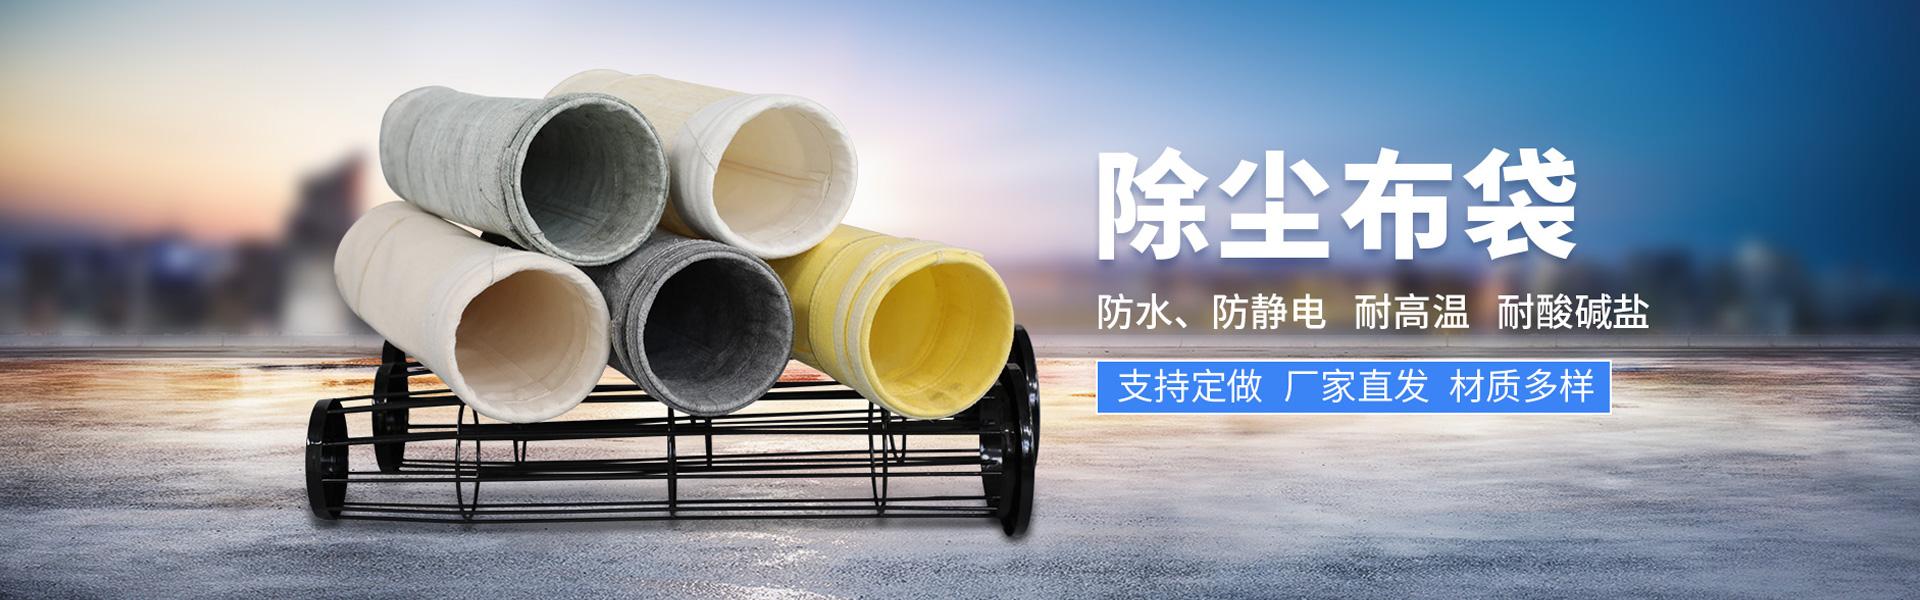 唐山增盛环保,增盛环保,增盛环保材料